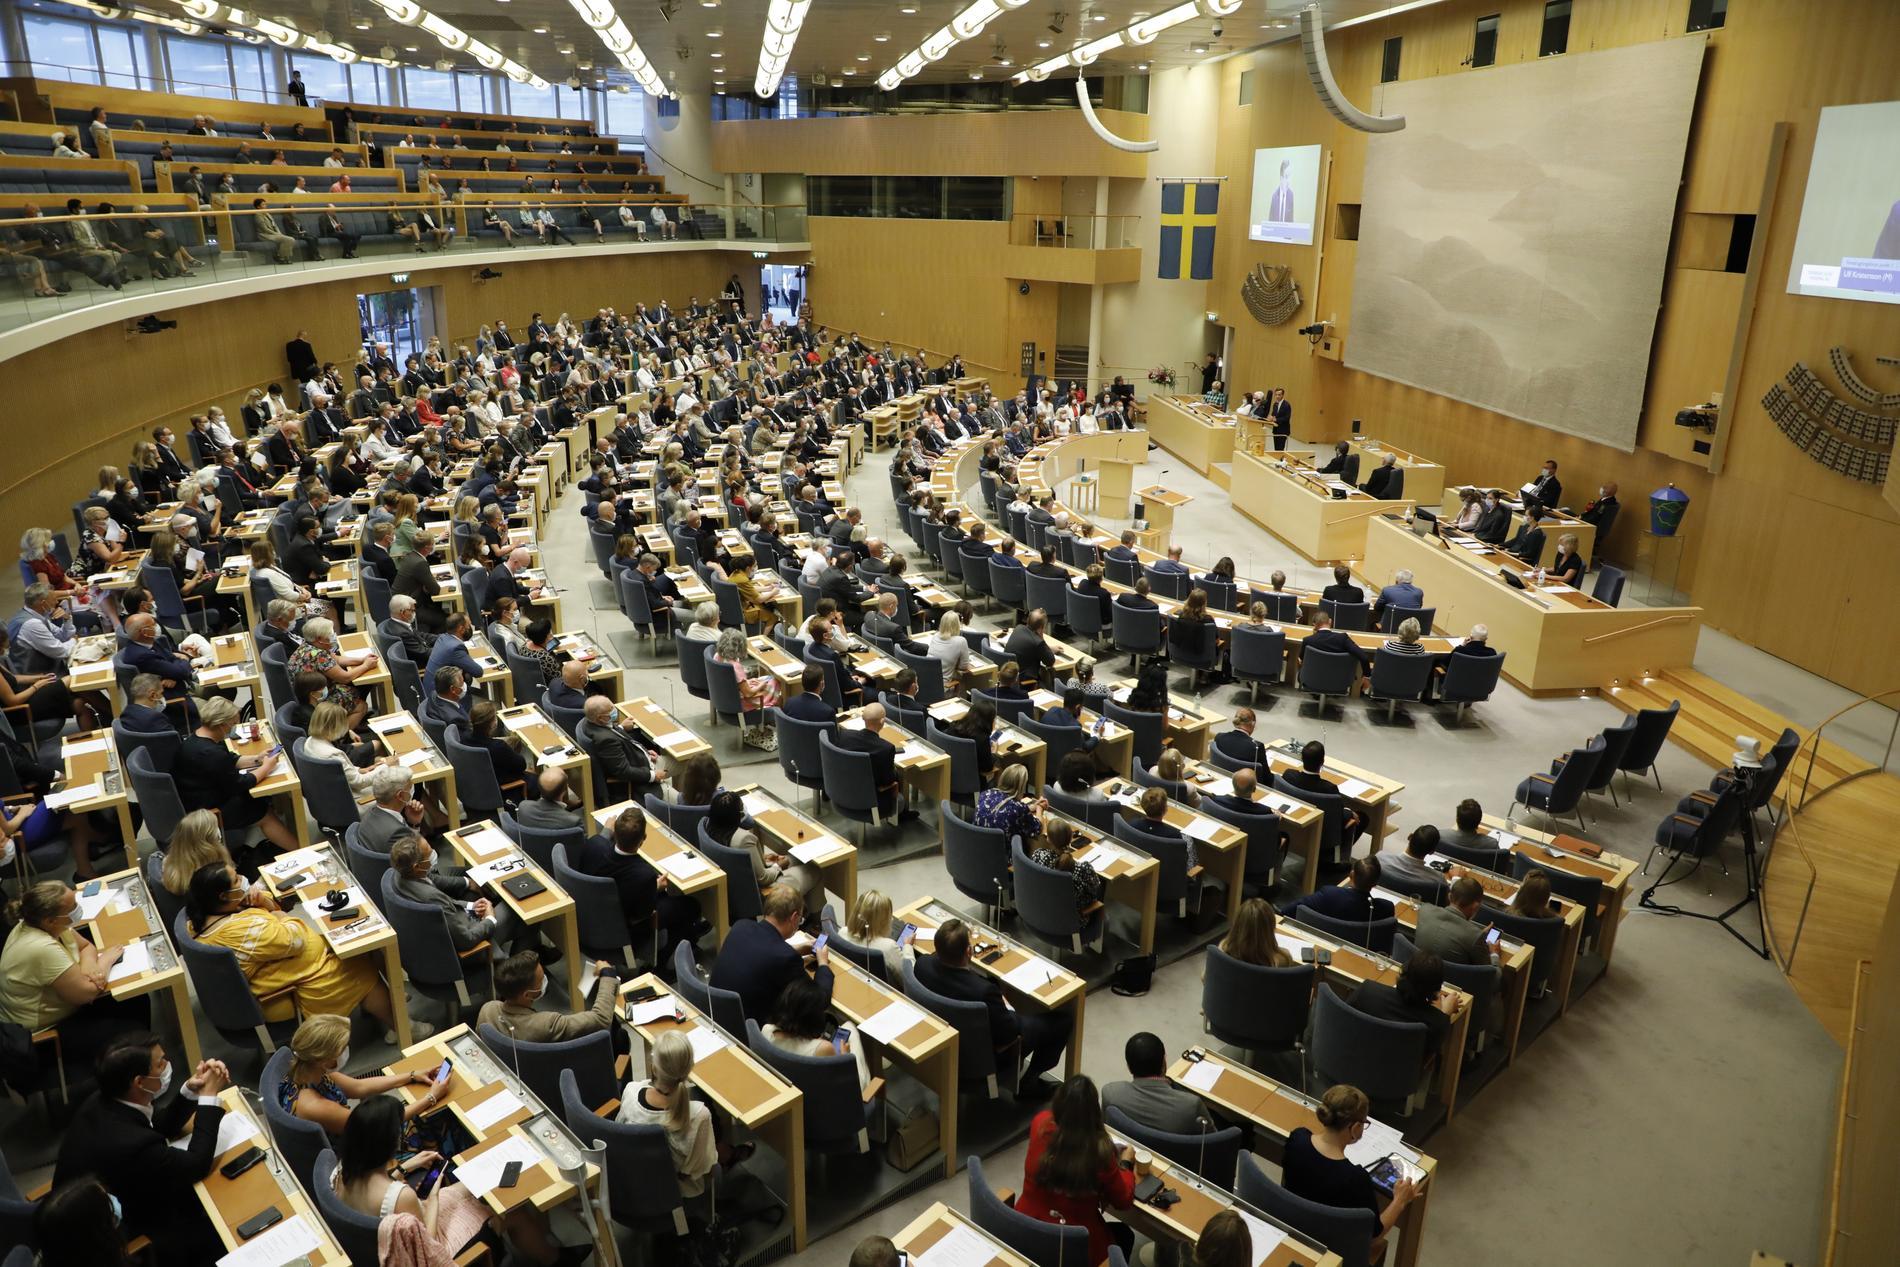 Riksdagen tillåter nu 349 ledamöter i kammaren och det finns heller ingen rekommendation om munskydd. Arkivbild.